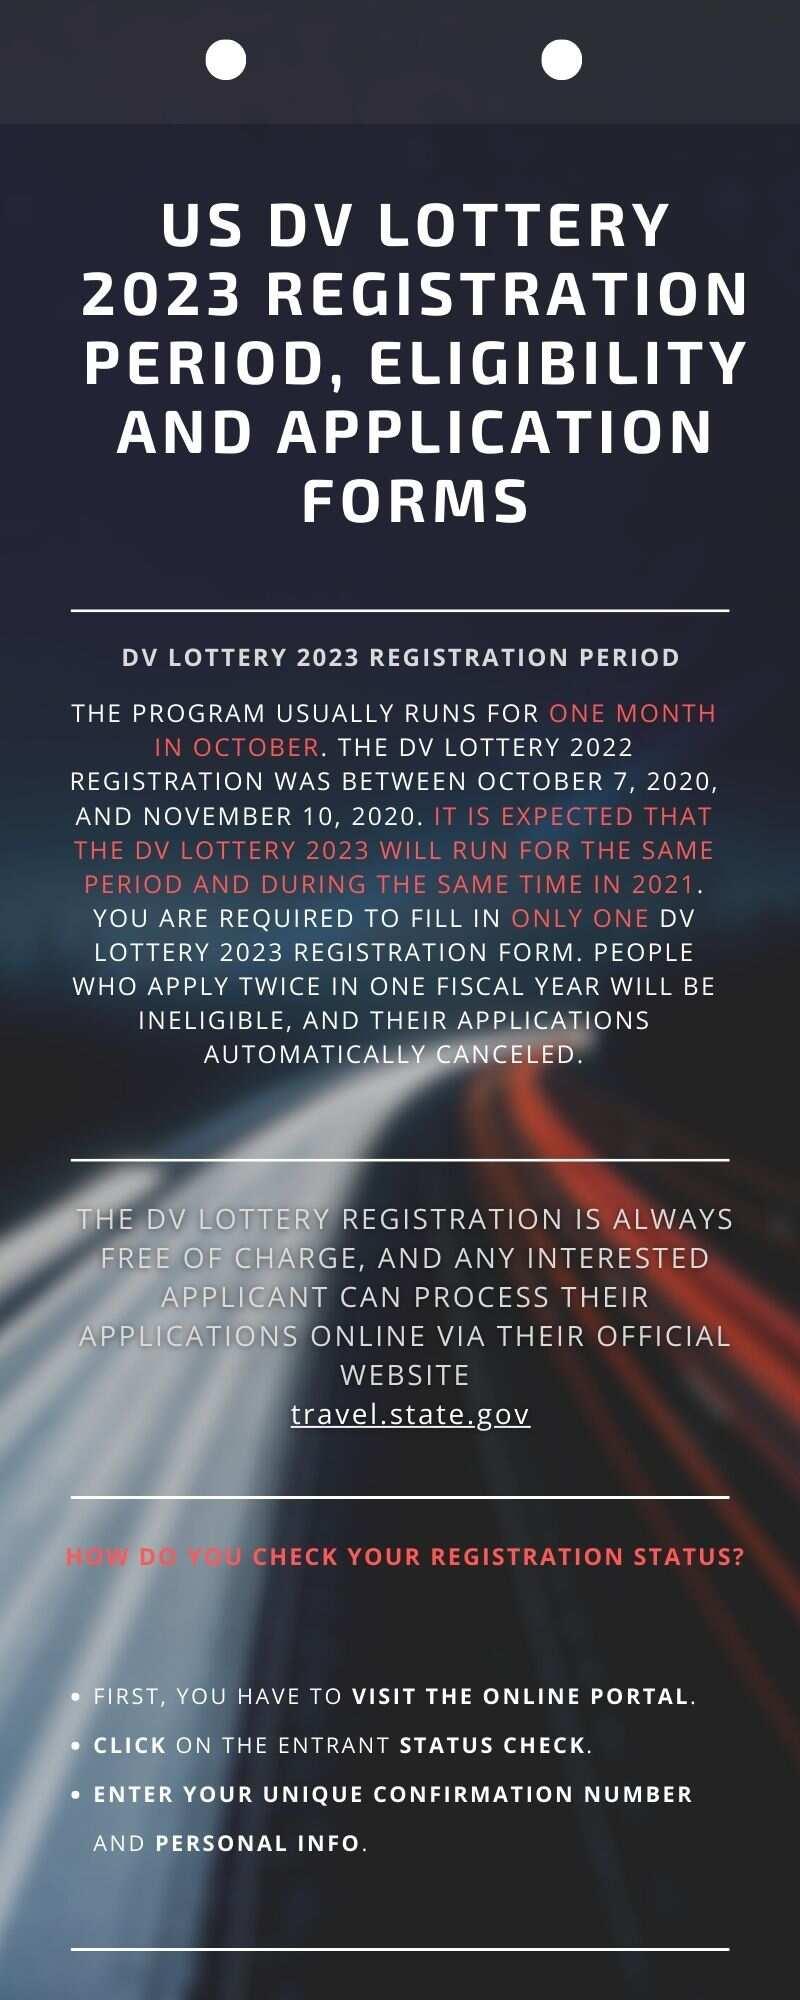 US DV lottery 2023 registration